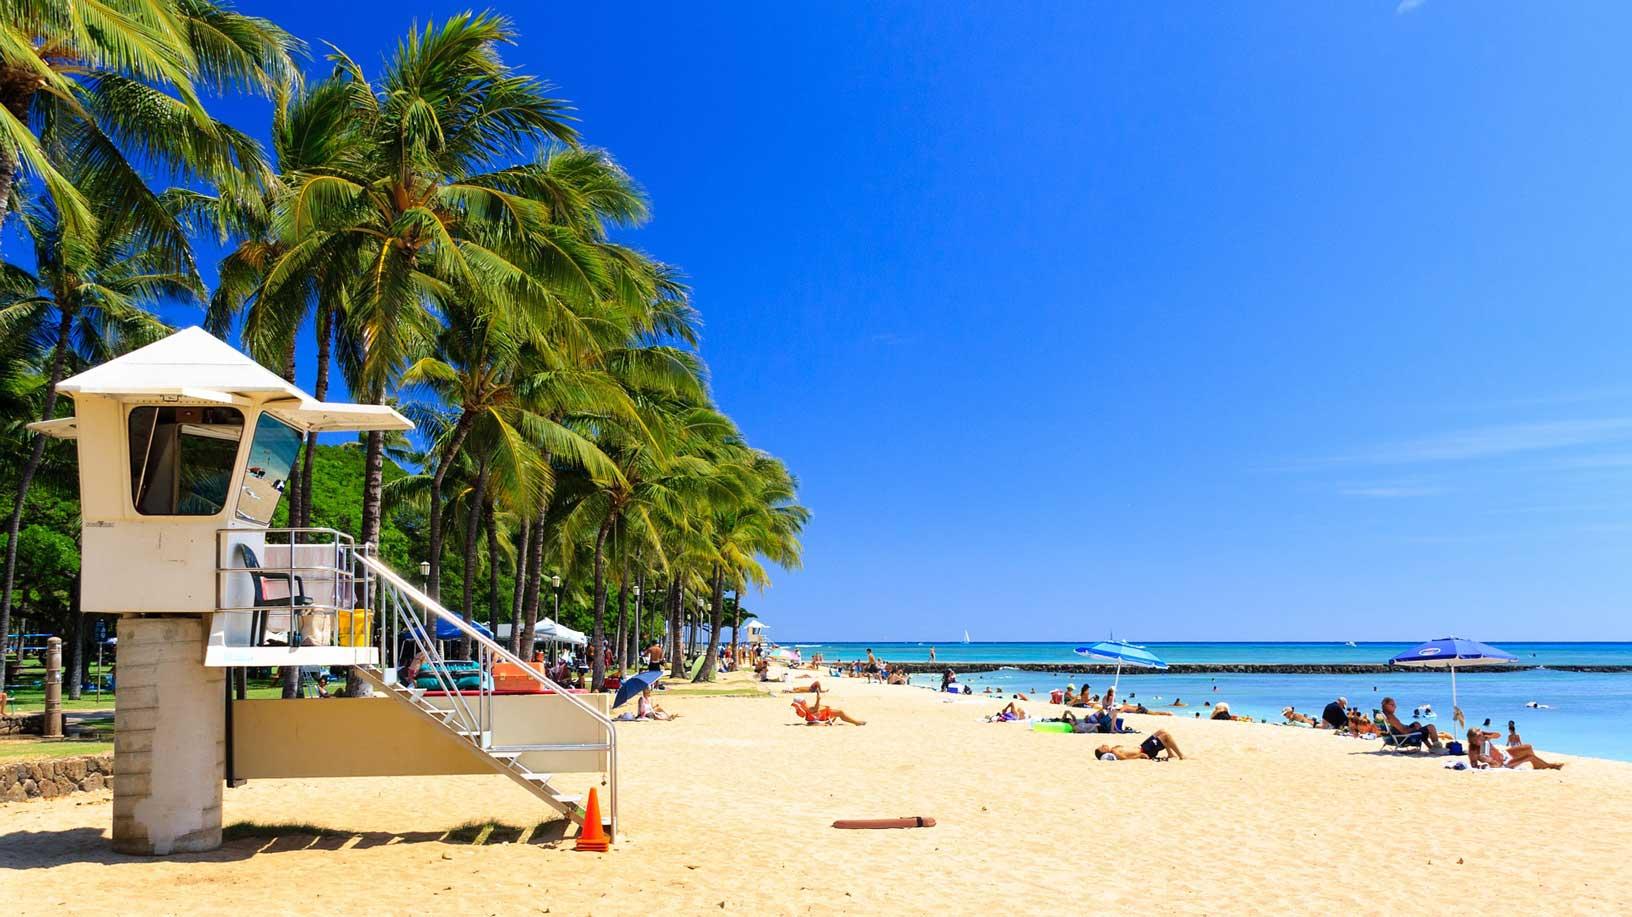 dónde ir de luna de miel hawaii